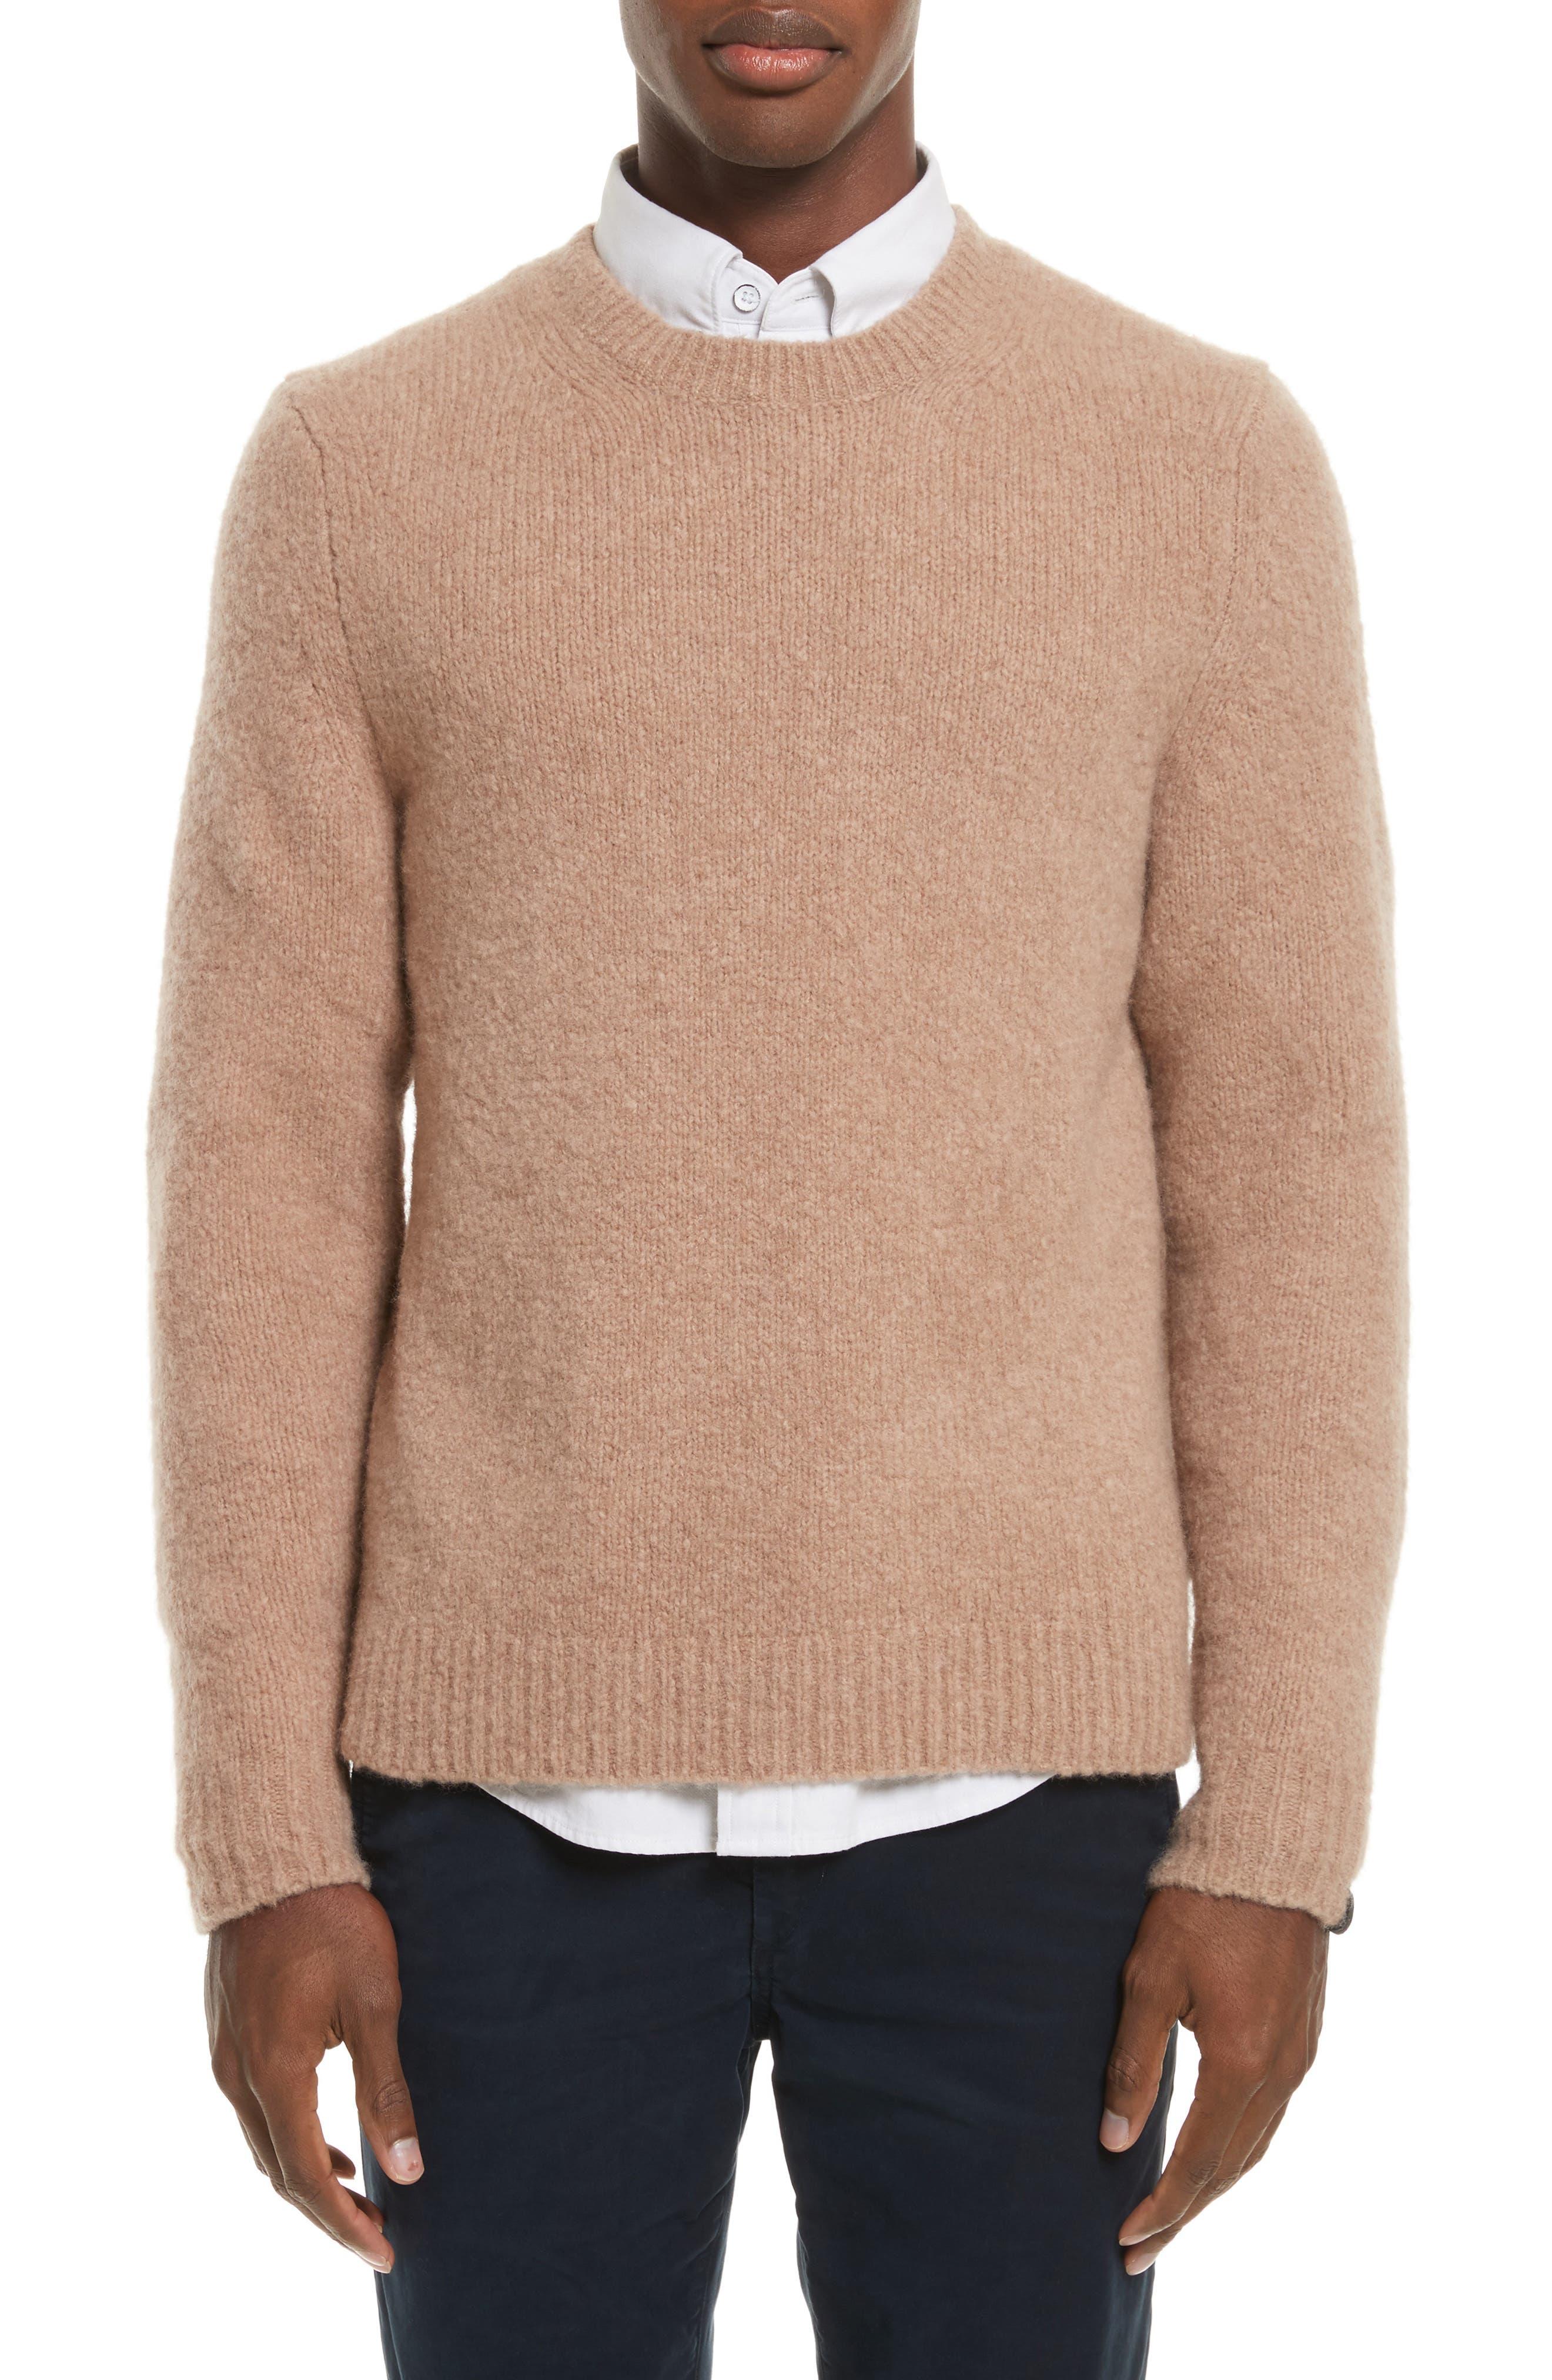 Main Image - rag & bone Charles Merino Wool Blend Sweater